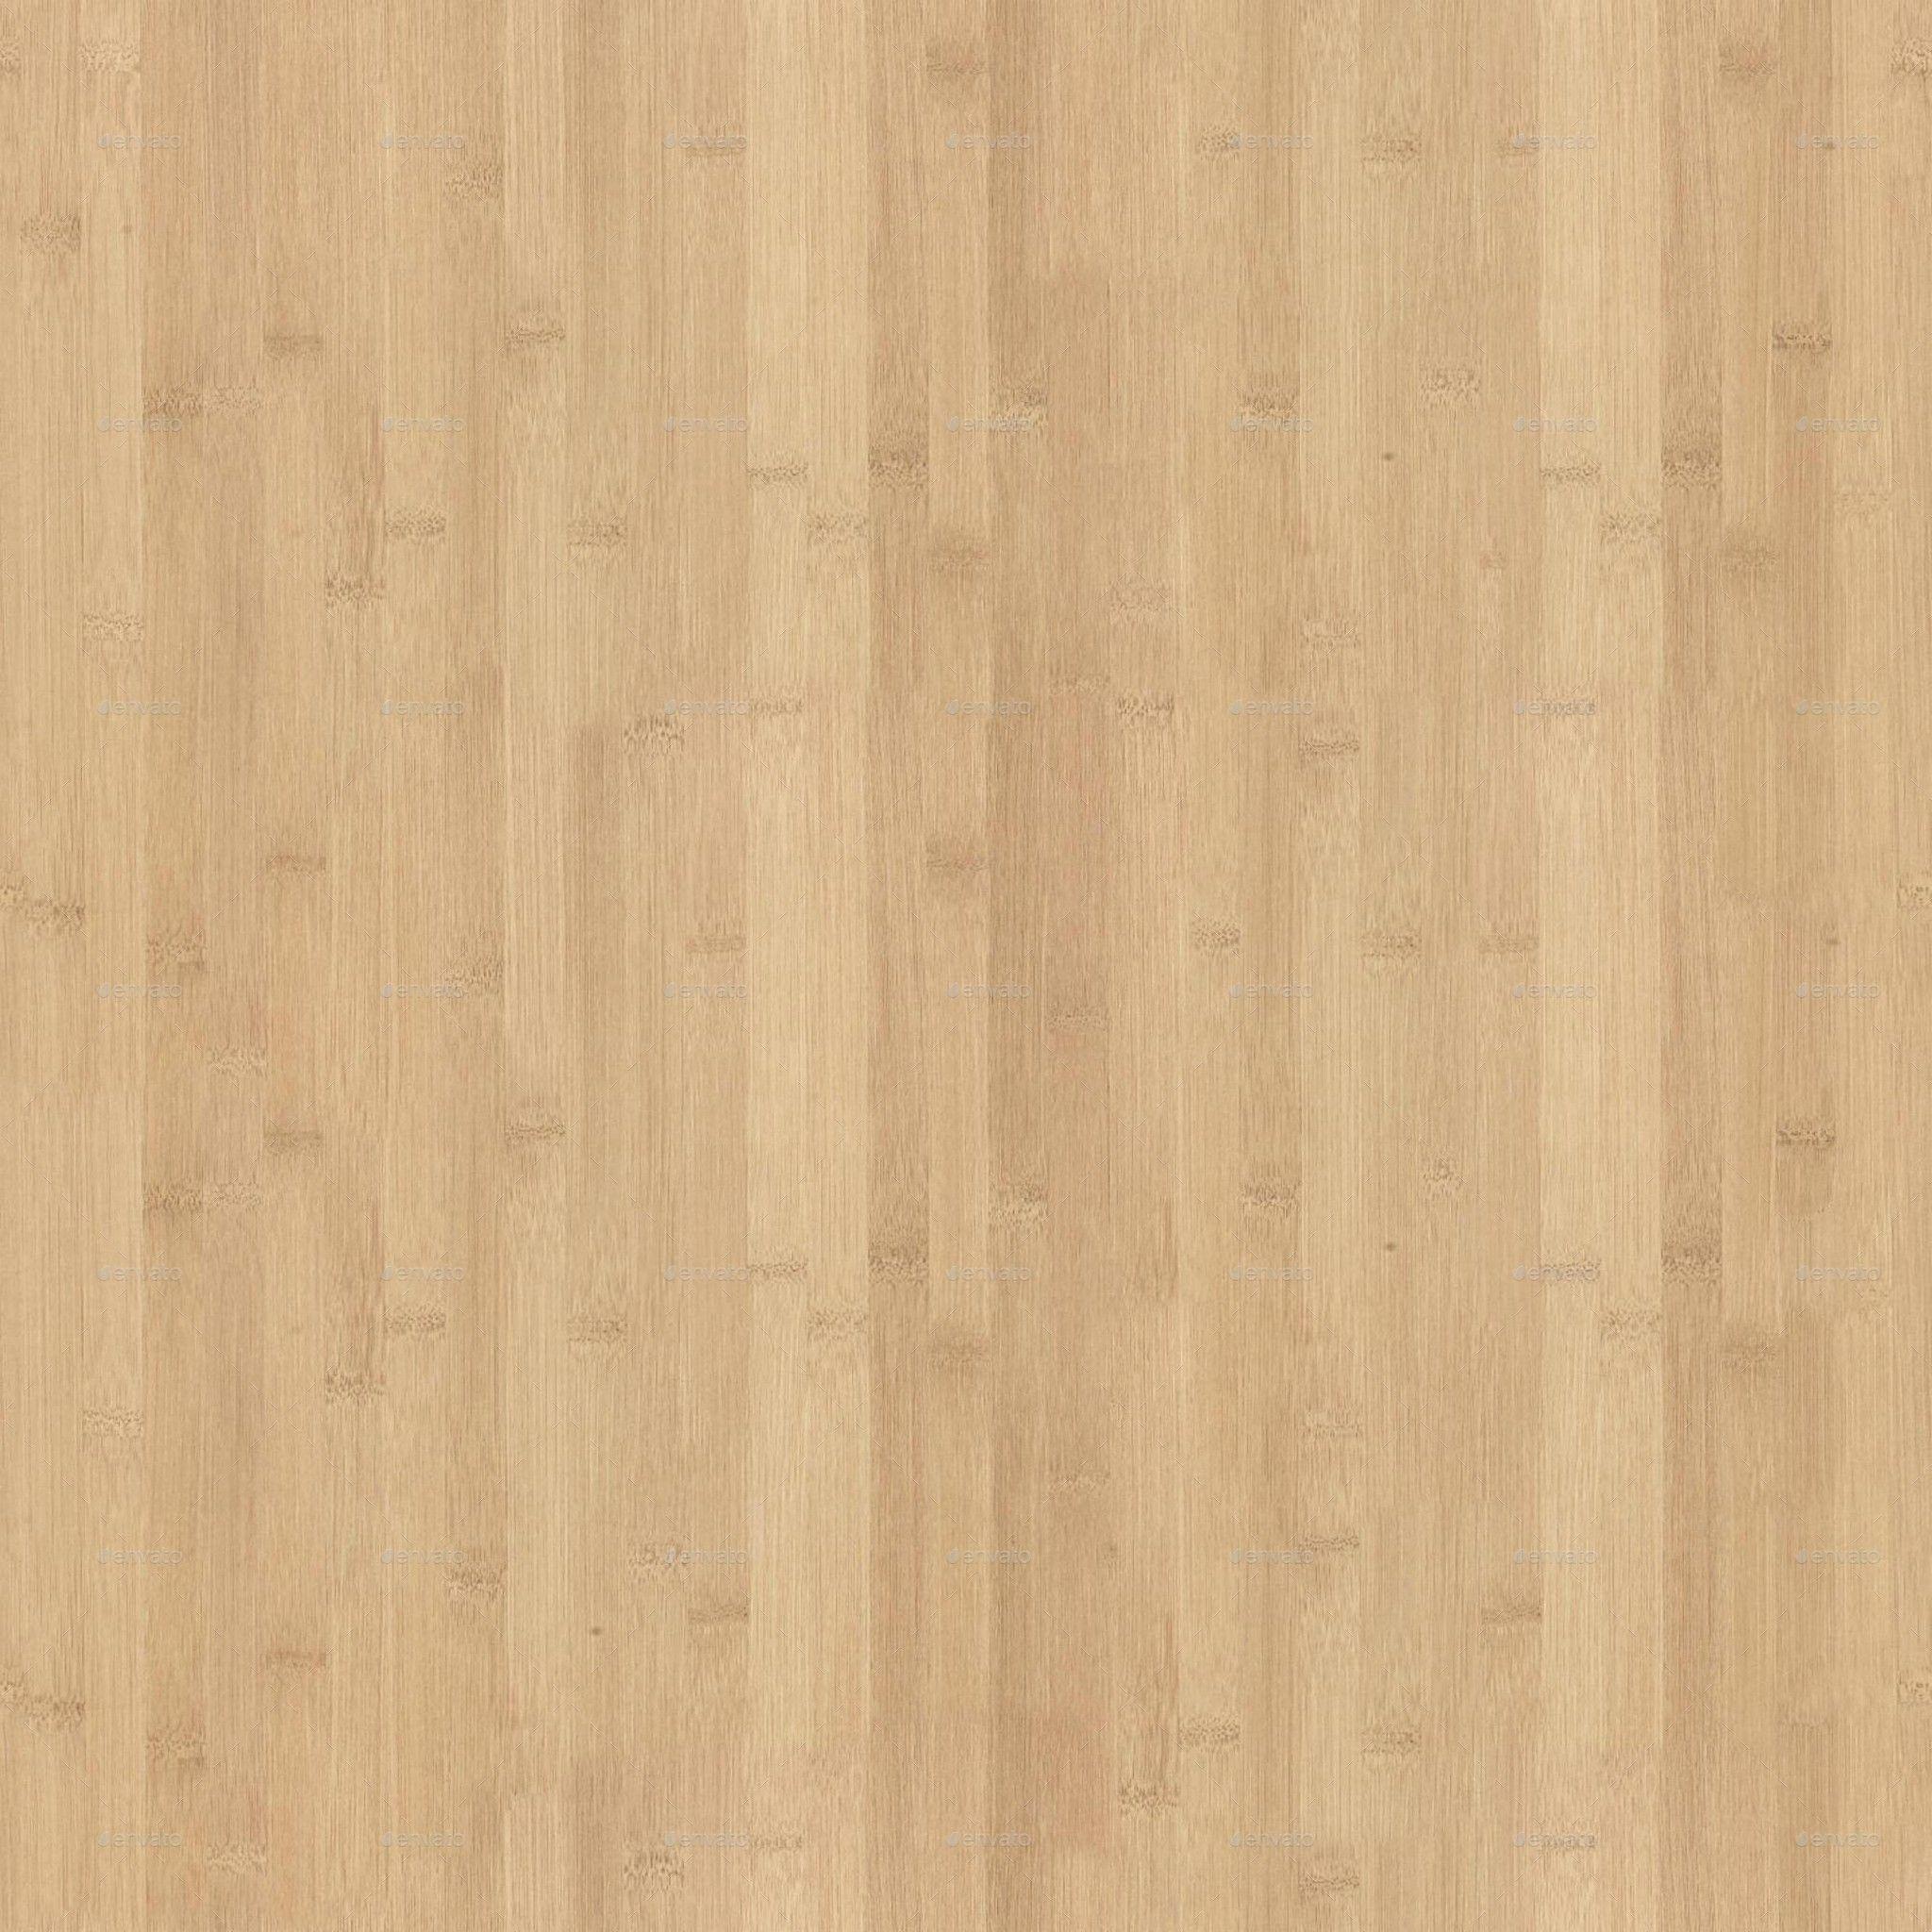 Fine Wood Seamless Texture Set Volume 1 Wood Texture Photoshop Wood Texture Seamless Light Wood Texture